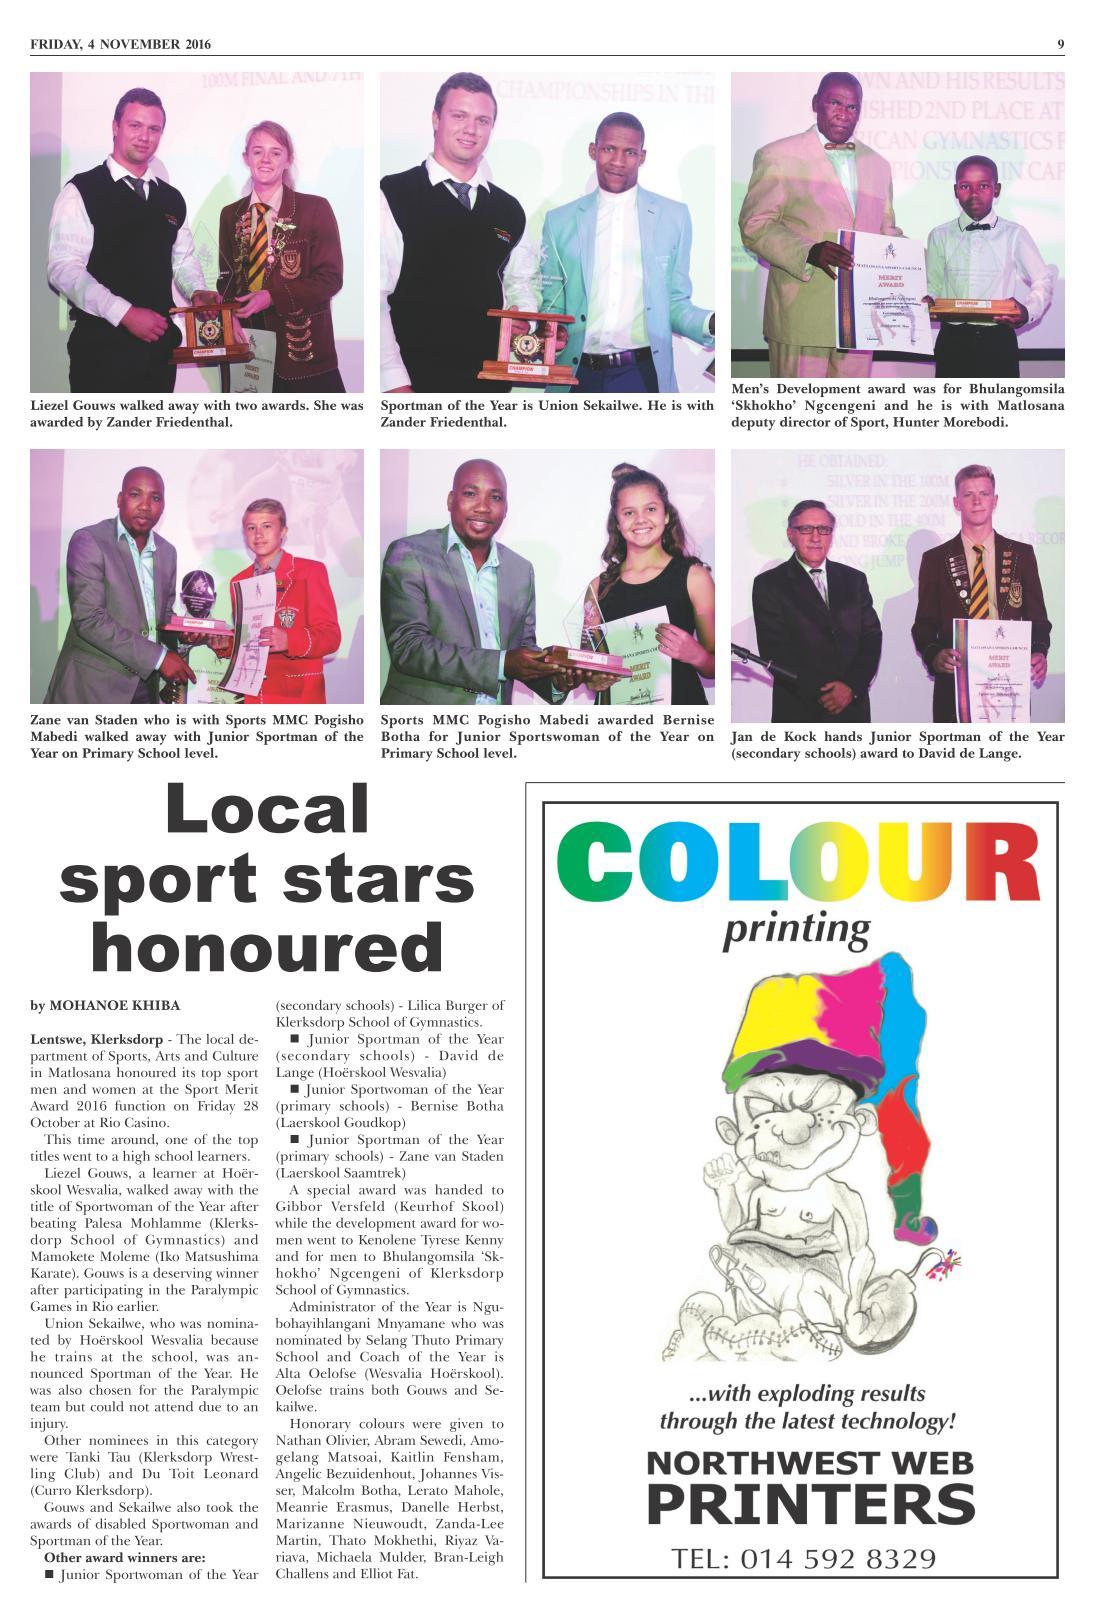 www salocalnewspapers co za - /newspapers/lentswe